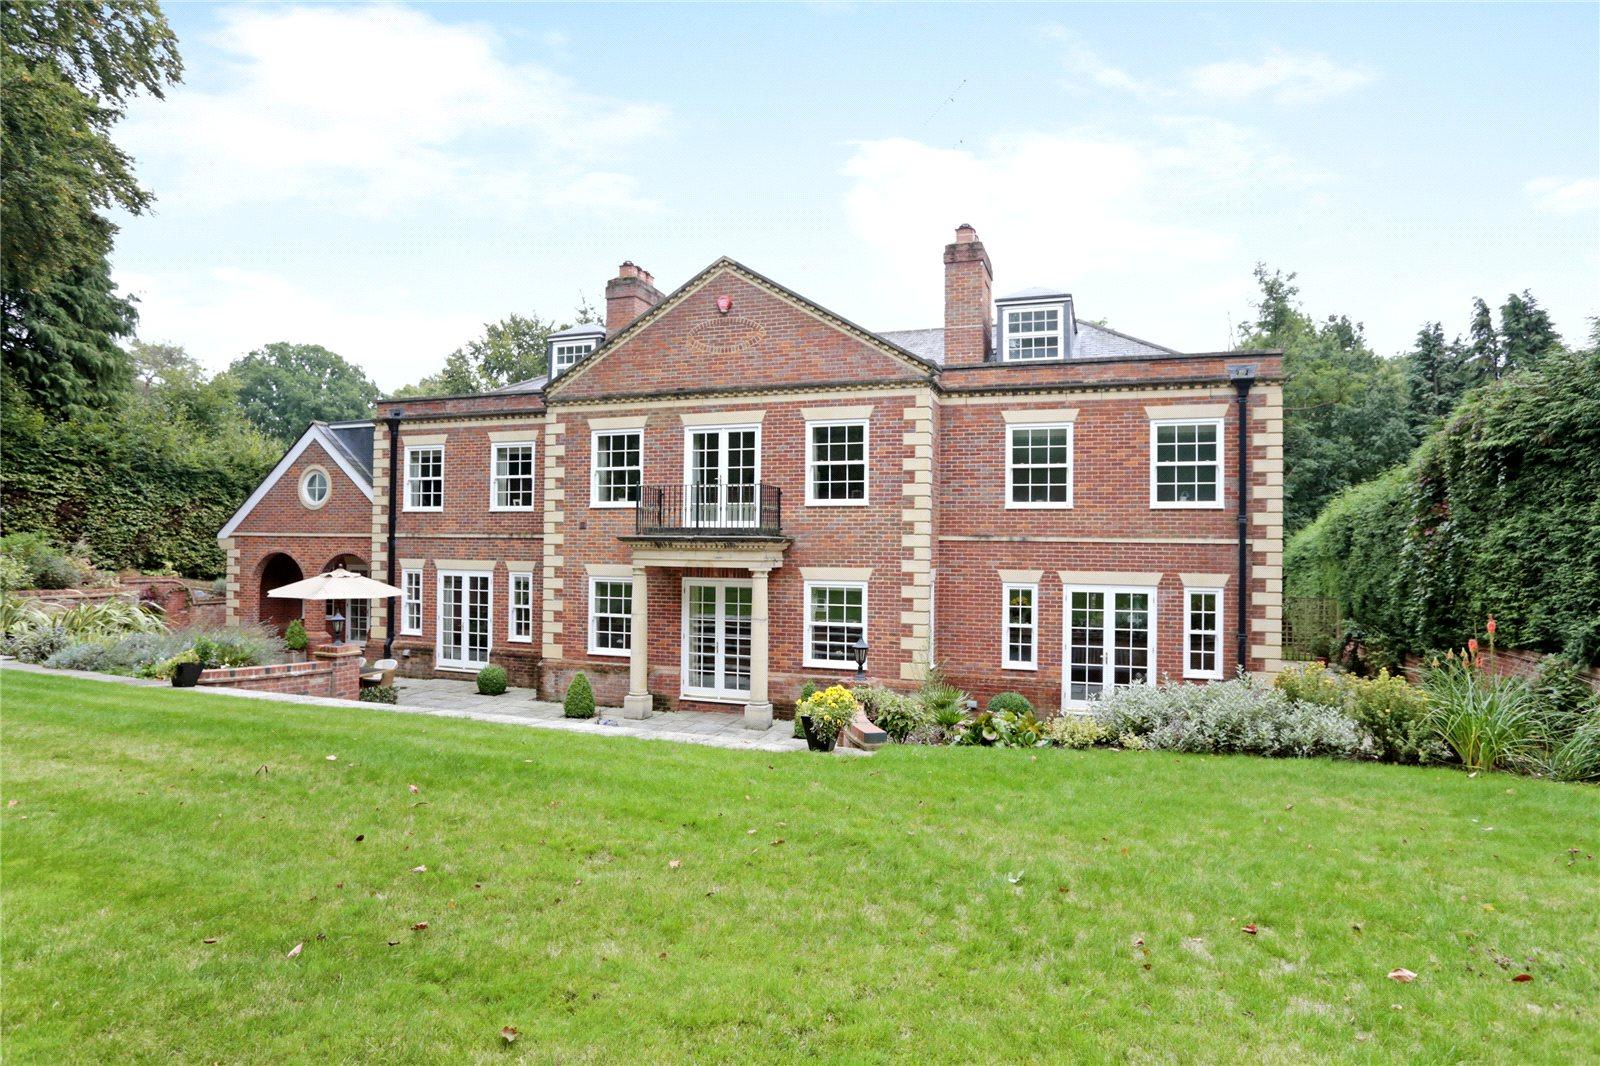 一戸建て のために 売買 アット Top Park, Gerrards Cross, Buckinghamshire, SL9 Gerrards Cross, イギリス